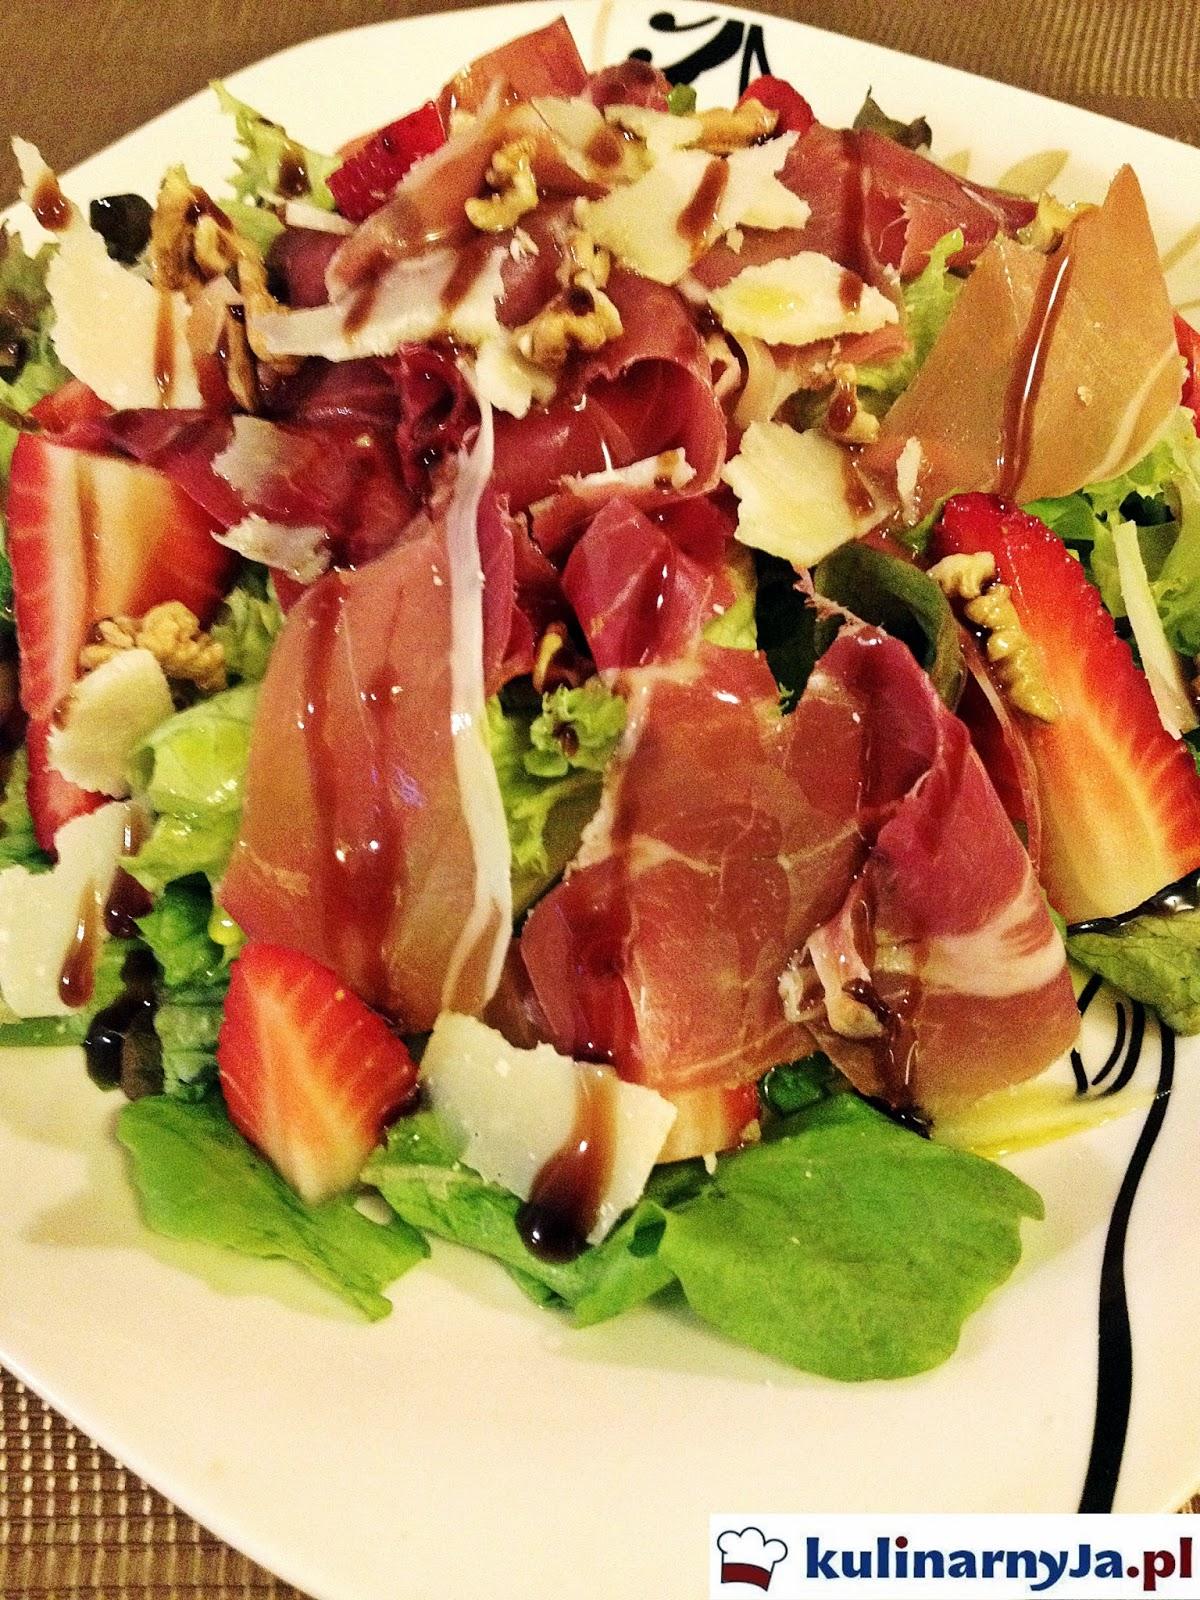 Sałatka z truskawkami, prosciutto i redukcją balsamiczną